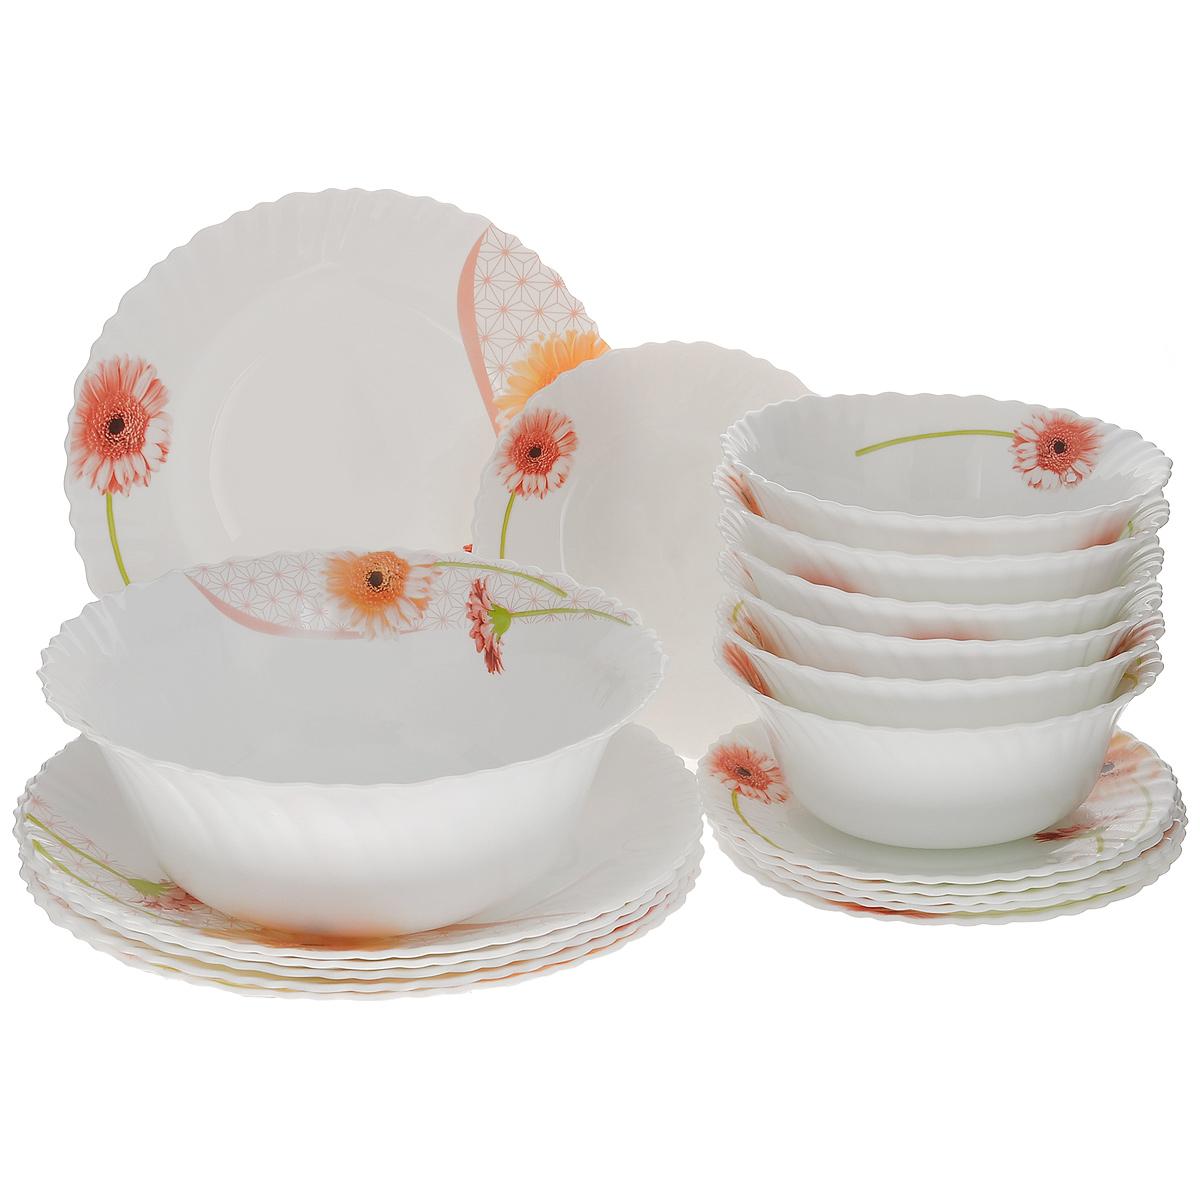 Набор столовой посуды Mayer & Boch, 19 предметов24101Набор столовой посуды Mayer & Boch выполнен из стекла высокого качества и состоит из 12 плоских и 7 глубоких тарелок разных диаметров. Изделия оформлены изящным цветочным рисунком и волнистыми краями. Столовый набор Mayer & Boch сочетает в себе изысканный дизайн с максимальной функциональностью. В набор входит: - 6 круглых плоских тарелок - 19 см х 19 см х 1,5 см; - 6 круглых плоских тарелок - 25,4 см х 25,4 см 2,5 см; - 6 круглых глубоких тарелок - 17,8 см х 17,8 см х 7 см; - 1 круглая глубокая тарелка - 22,9 см х 22,9 см х 9 см. Такой набор будет уместен на любой кухне и прекрасно подойдет для сервировки праздничного стола, а также станет приятным подарком родным и близким людям.Тарелки можно мыть в посудомоечной машине и держать в холодильнике. Не использовать на газовых плитах и открытом огне!